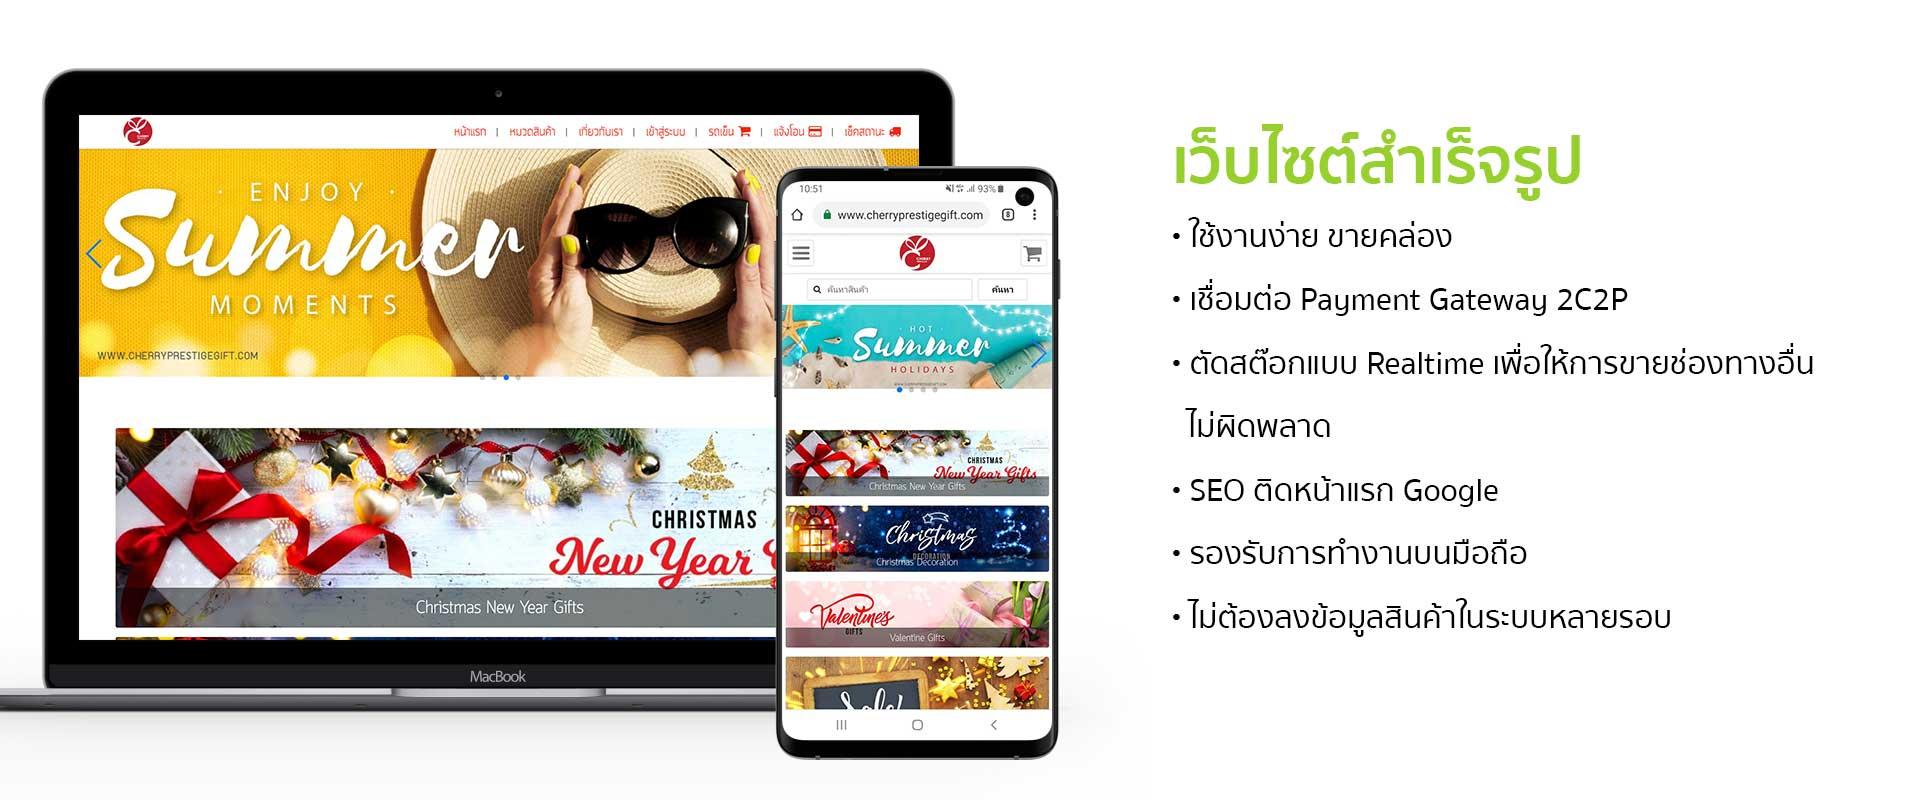 เว็บไซต์สำเร็จรูป - Ecommerce Website